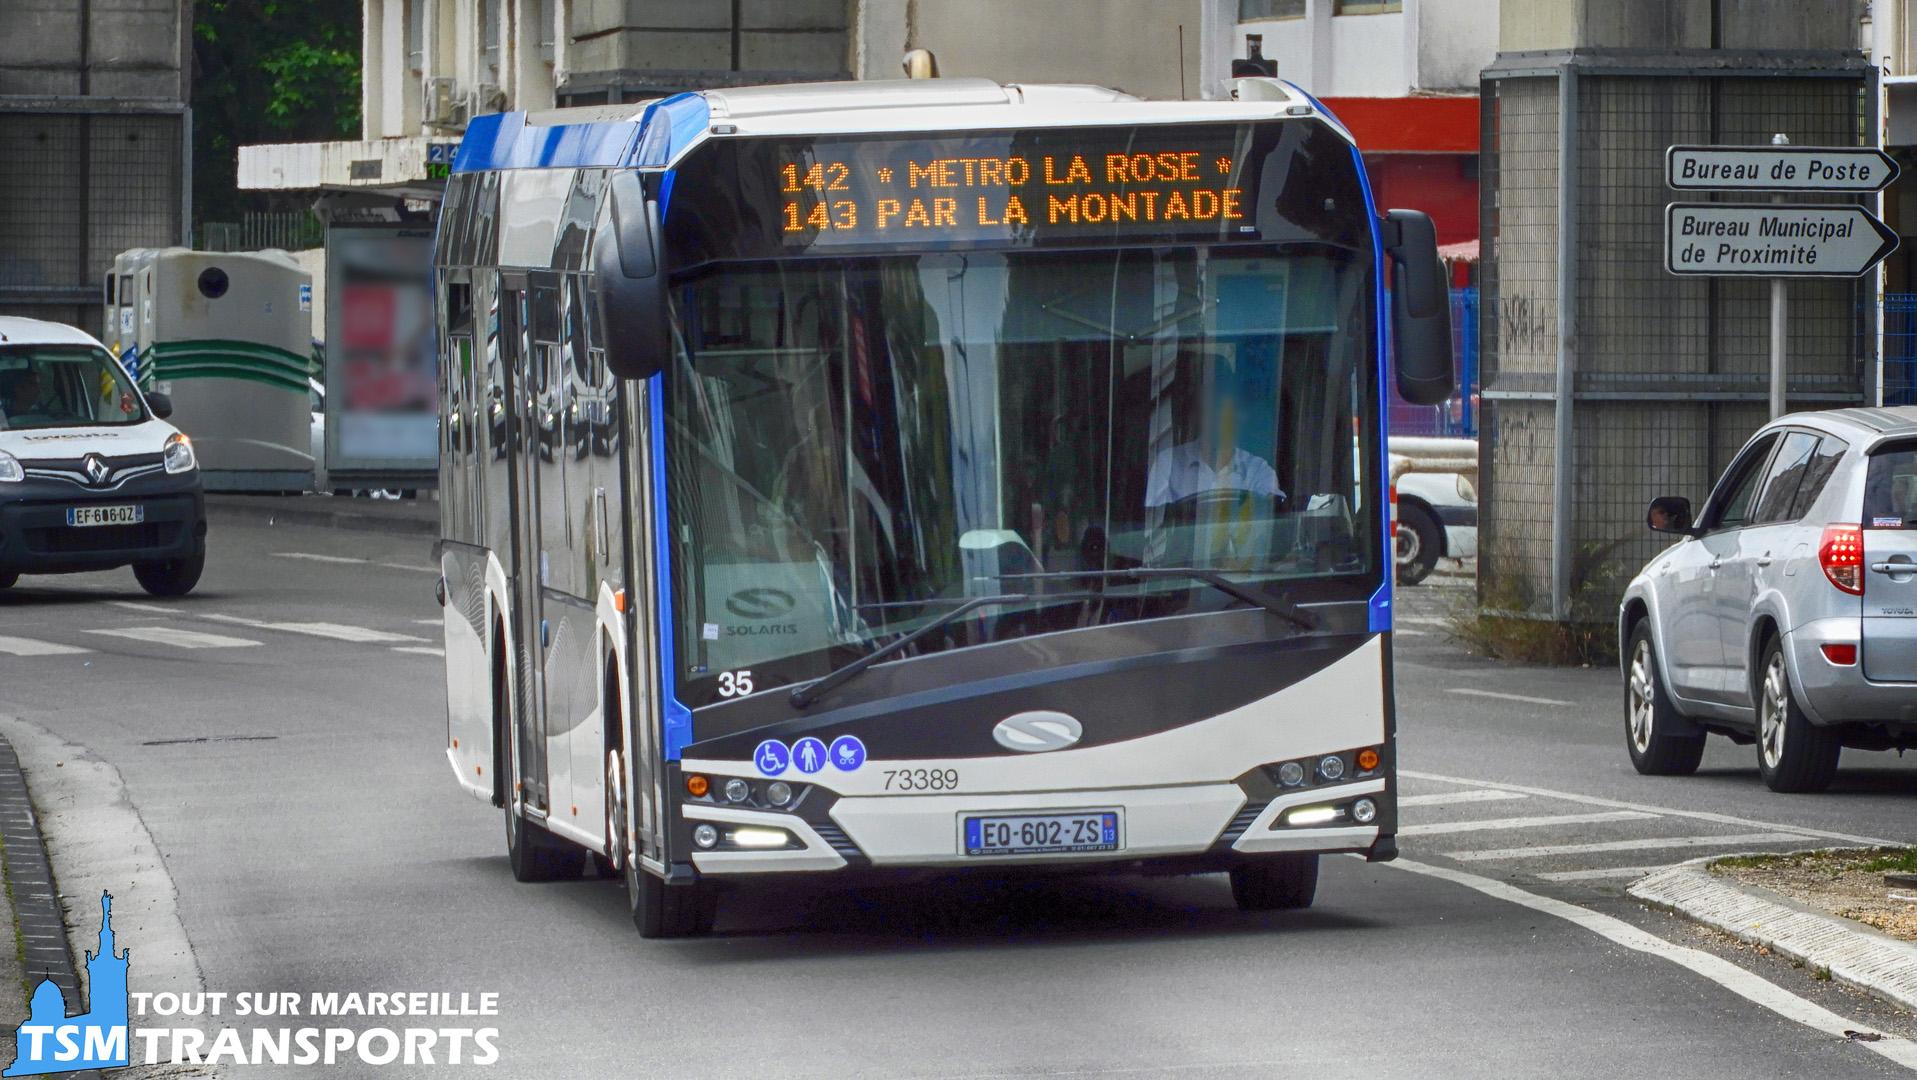 Solaris Urbino 12 V4 de la société Car Du pays D'aix à l'approche du rond point du Métro La Rose